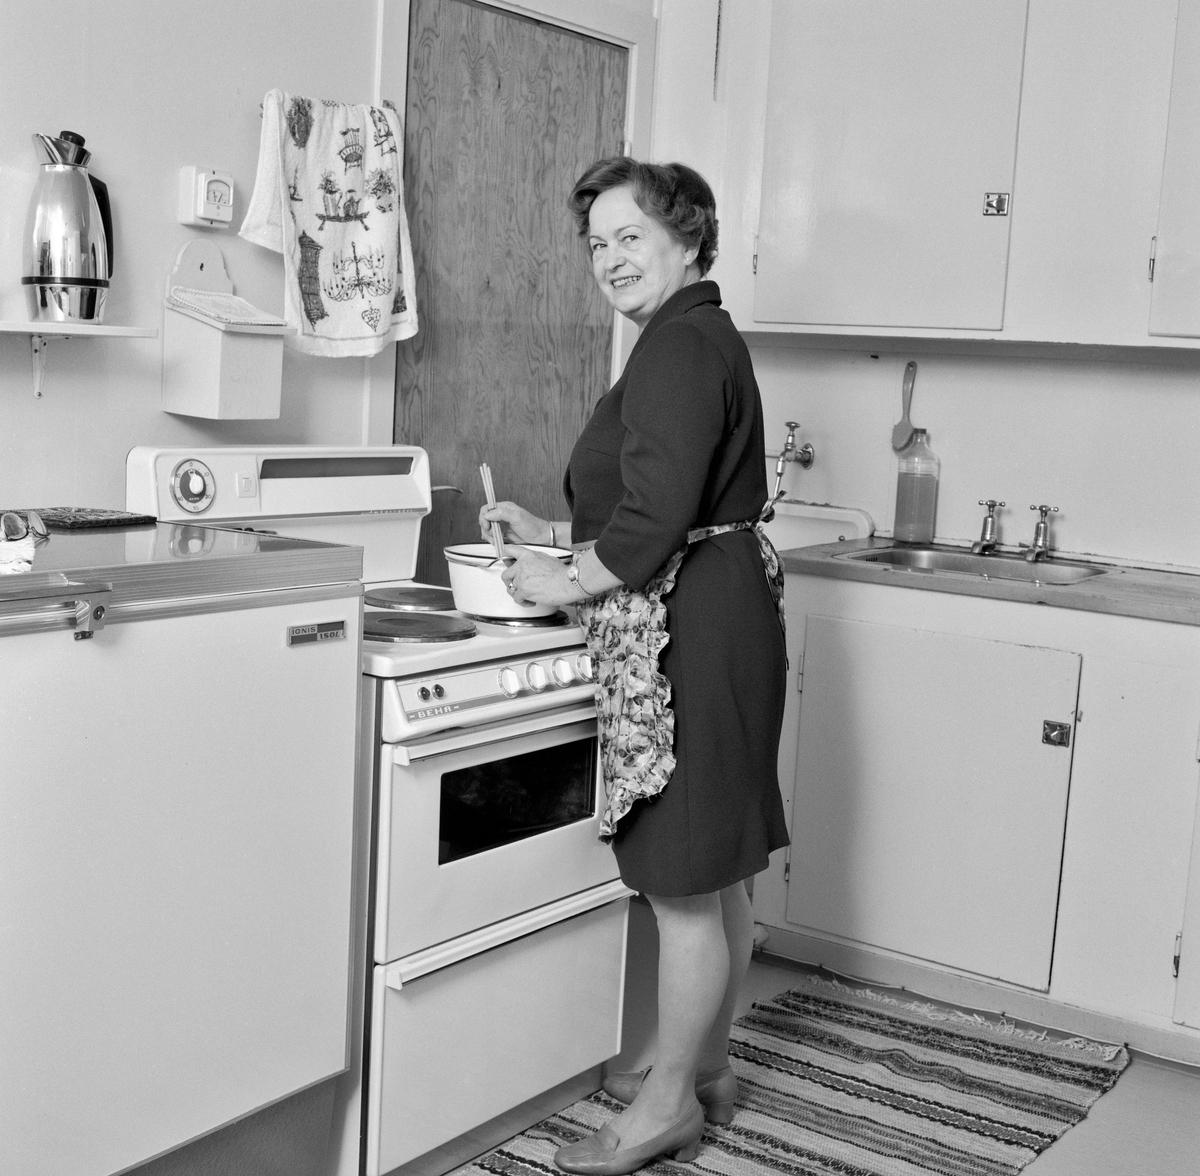 Interiør, kjøkken